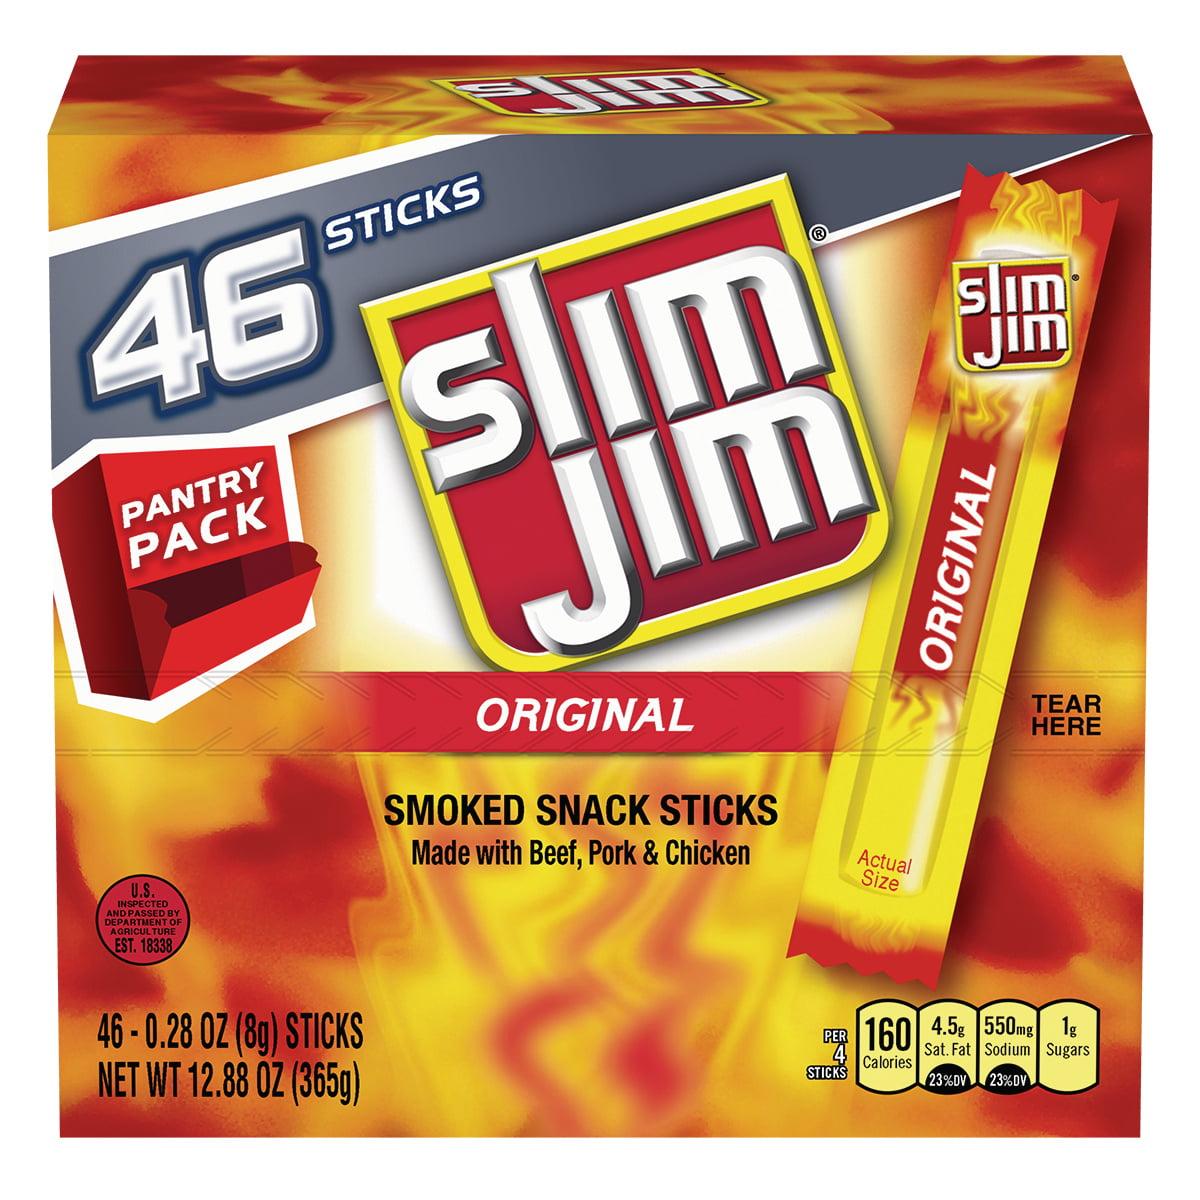 Slim Jim Original Smoked Snack Sticks Pantry Pack, 0.28 Oz., 46 Count